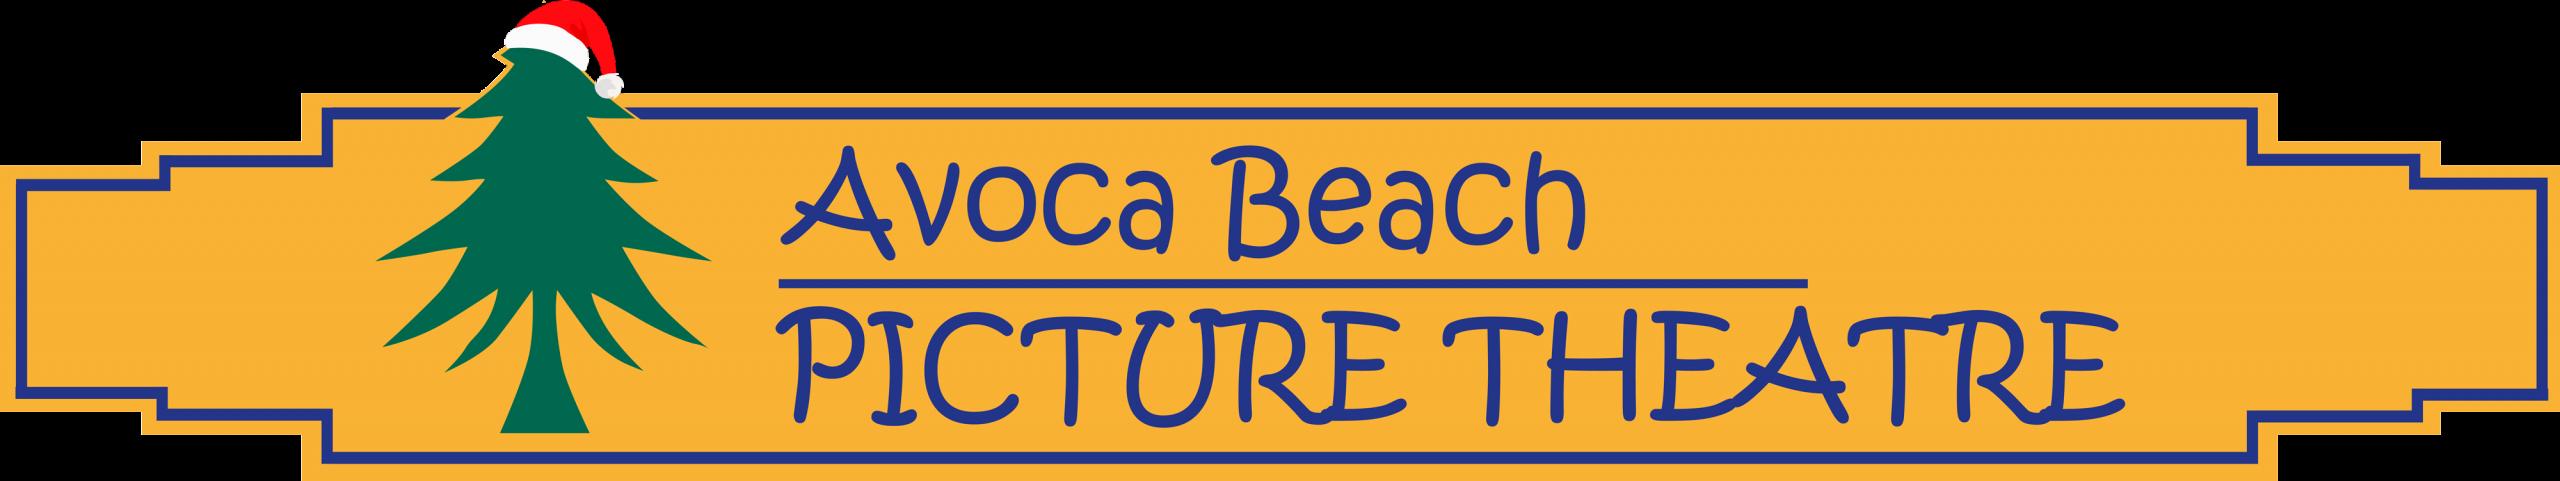 Avoca Beach Picture Theatre